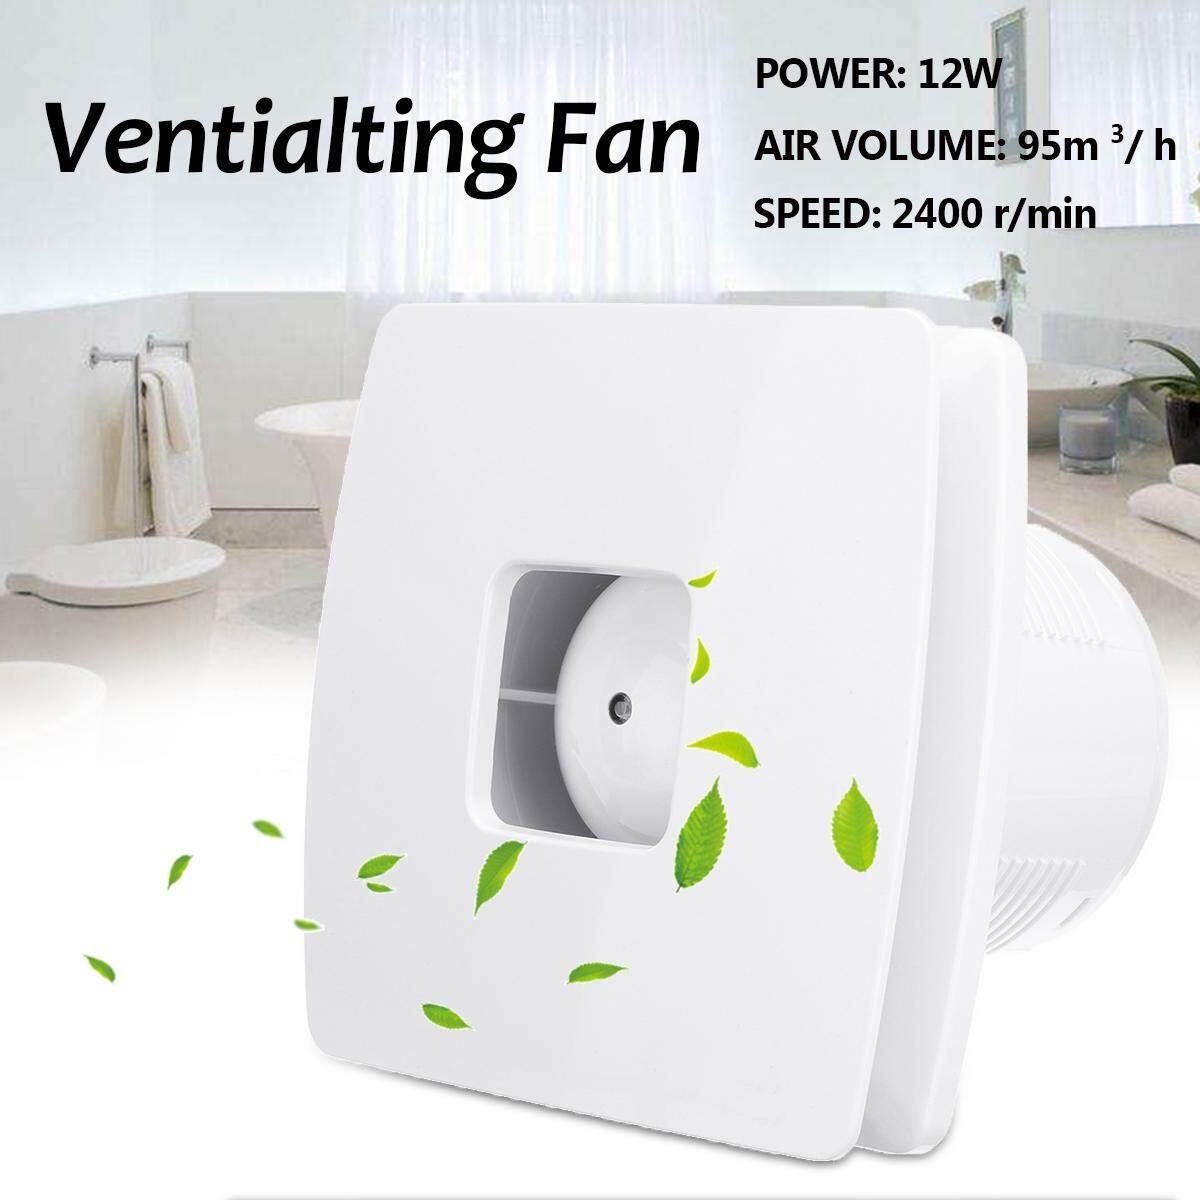 Exhaust Fan Bedroom Bathroom Window 4 Inch Quiet Ventilation